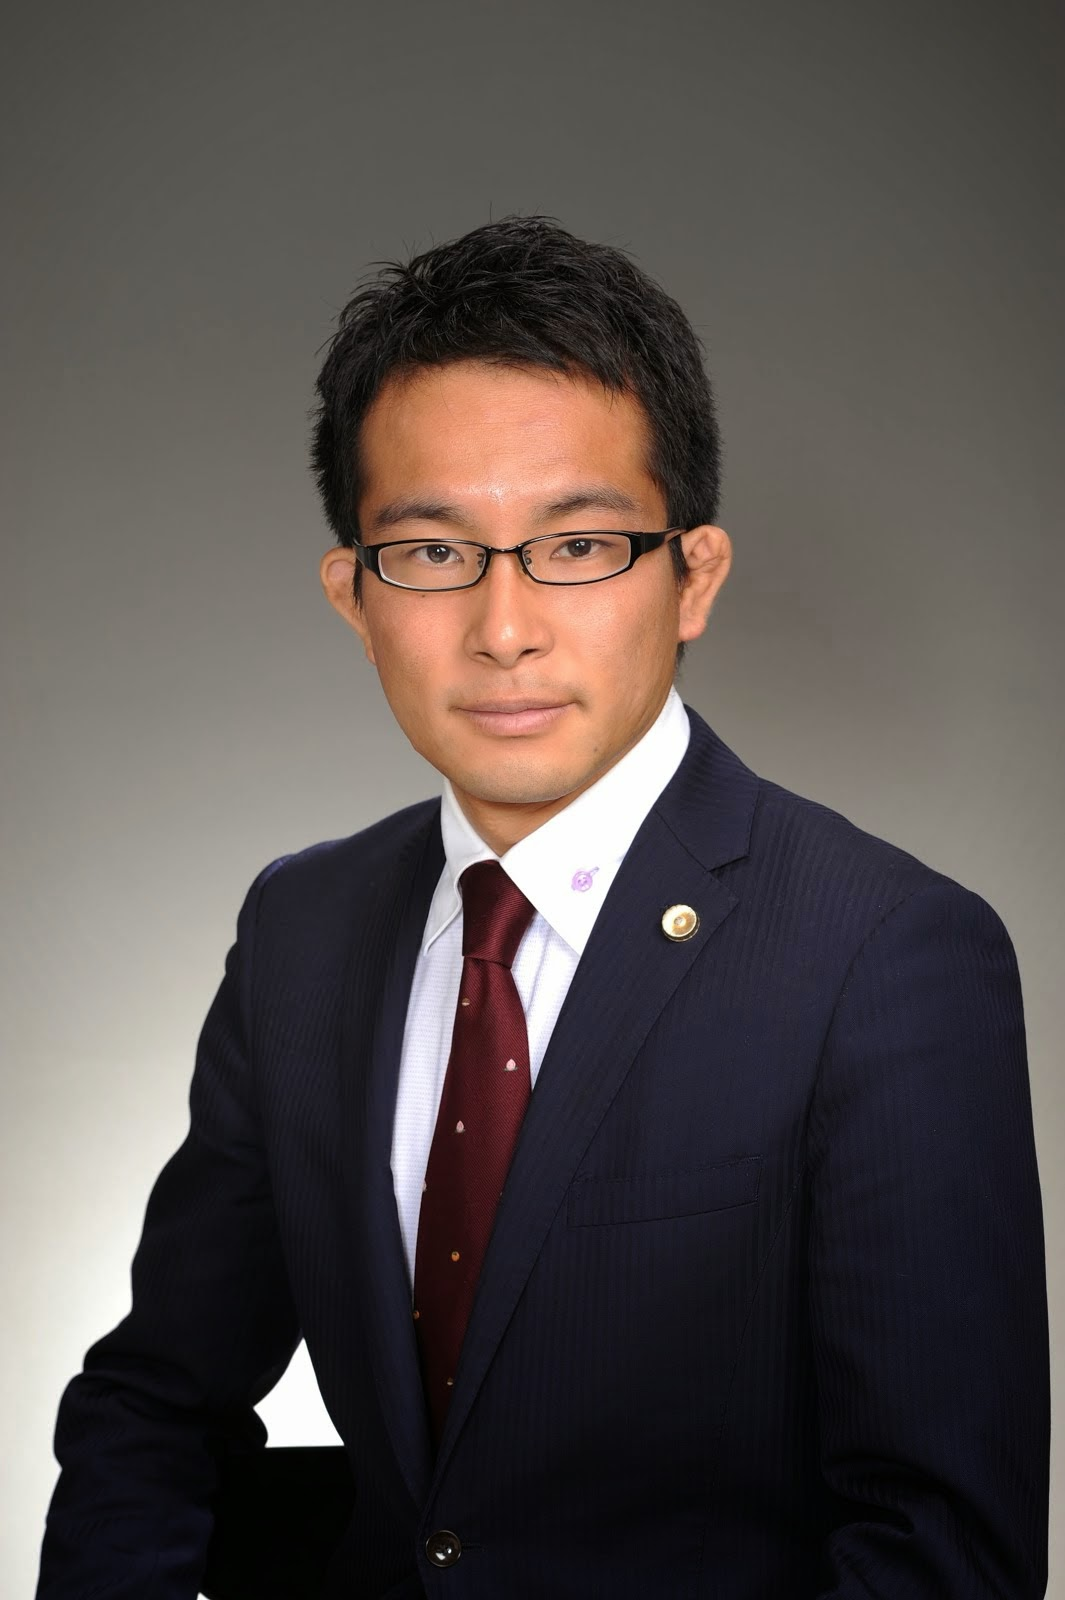 弁護士 山本衛のブログ